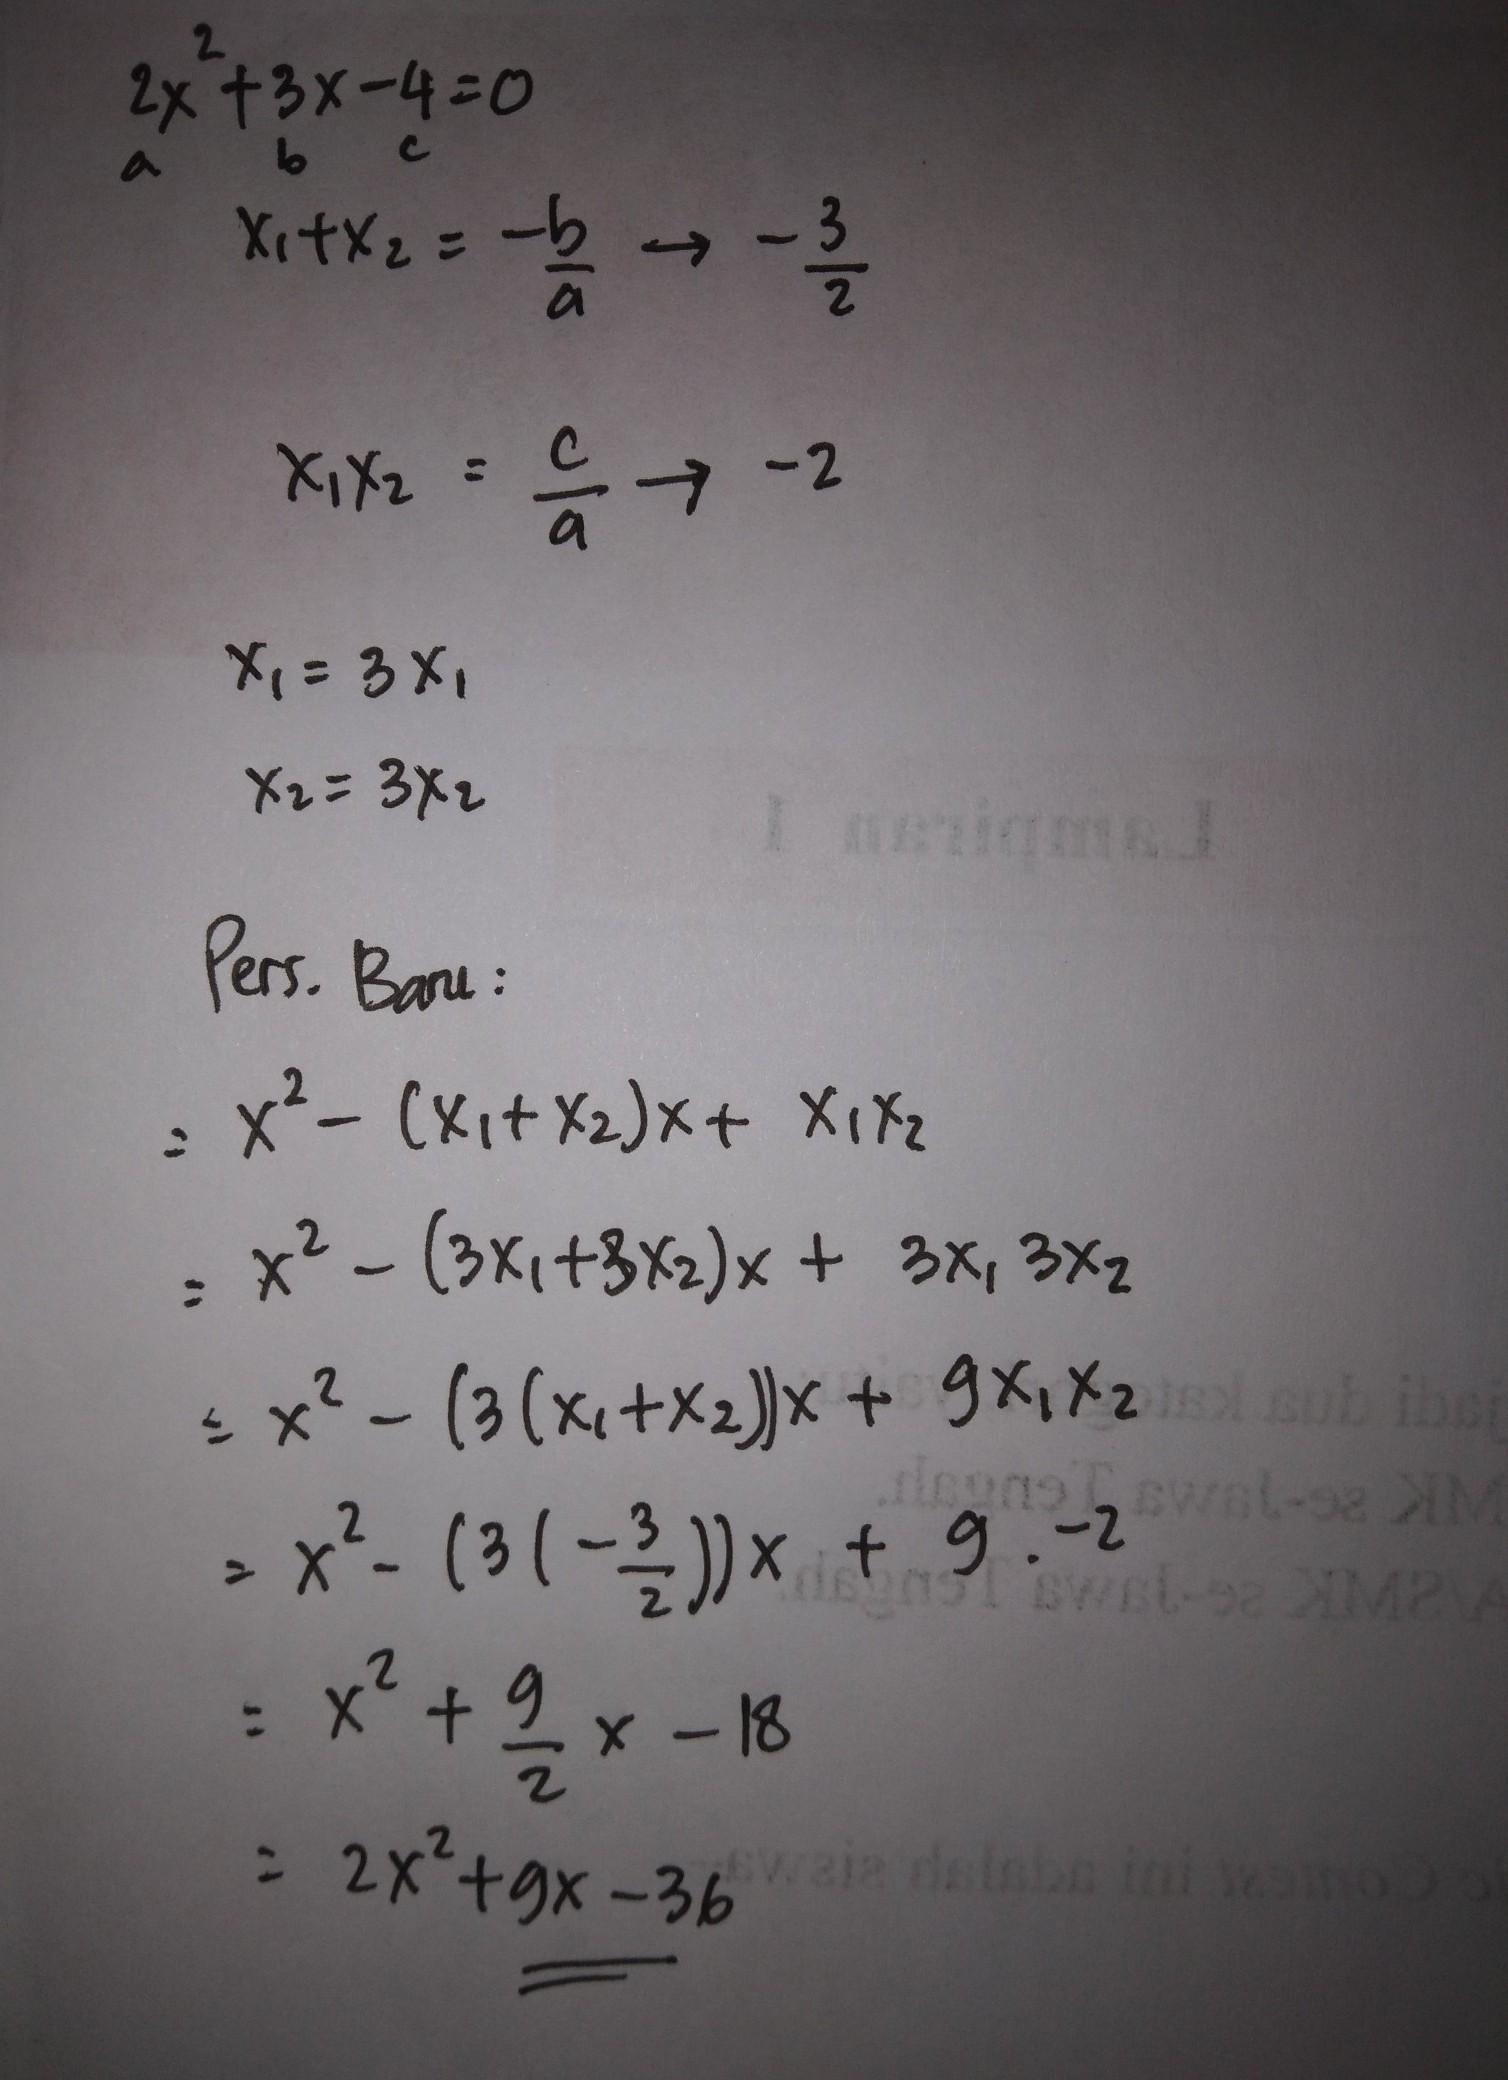 Jika Diketahui Akar Persamaan Kuadrat Adalah 3 Dan 5 Maka Persamaan Kuadratnya Adalah : diketahui, persamaan, kuadrat, adalah, kuadratnya, Diketahui, Persamaan, Kuadrat, 2x²+3x-4=0., Mempunyai, Akar-akar, Brainly.co.id